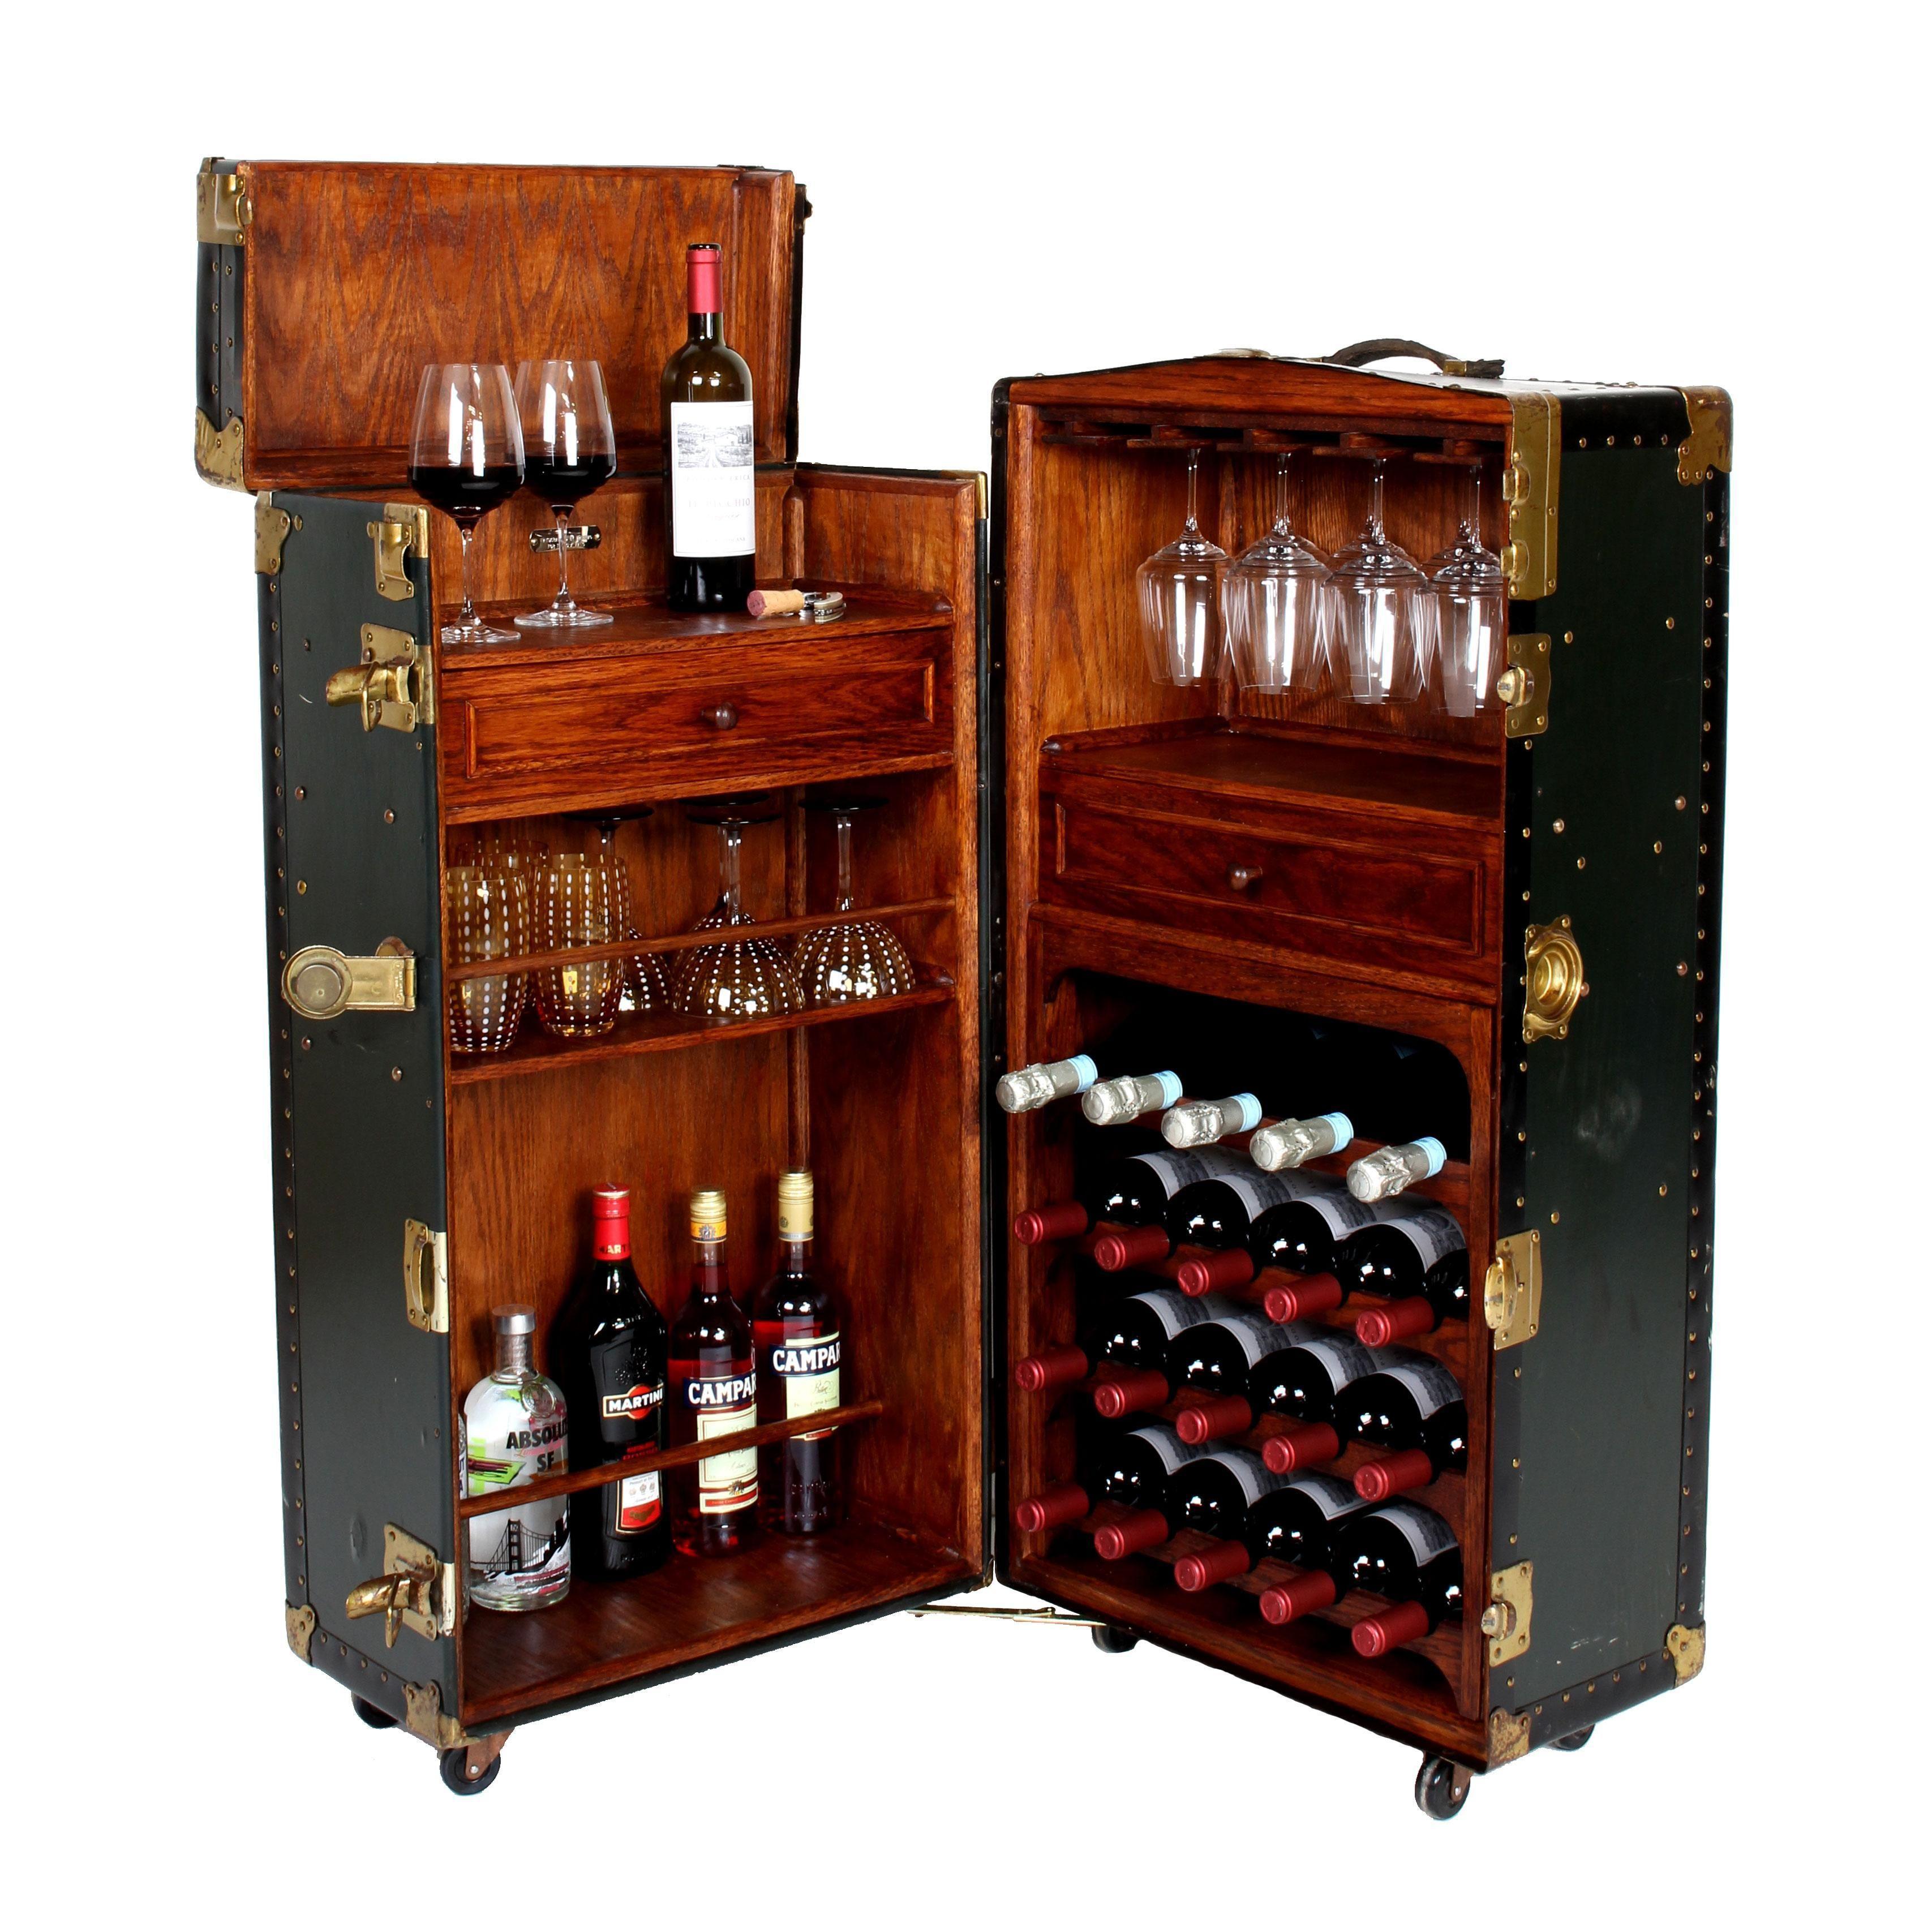 Vintage Steamer Trunk Bar Cabinet Vintage Steamer Trunk Bar Cart Decor Trunk Makeover